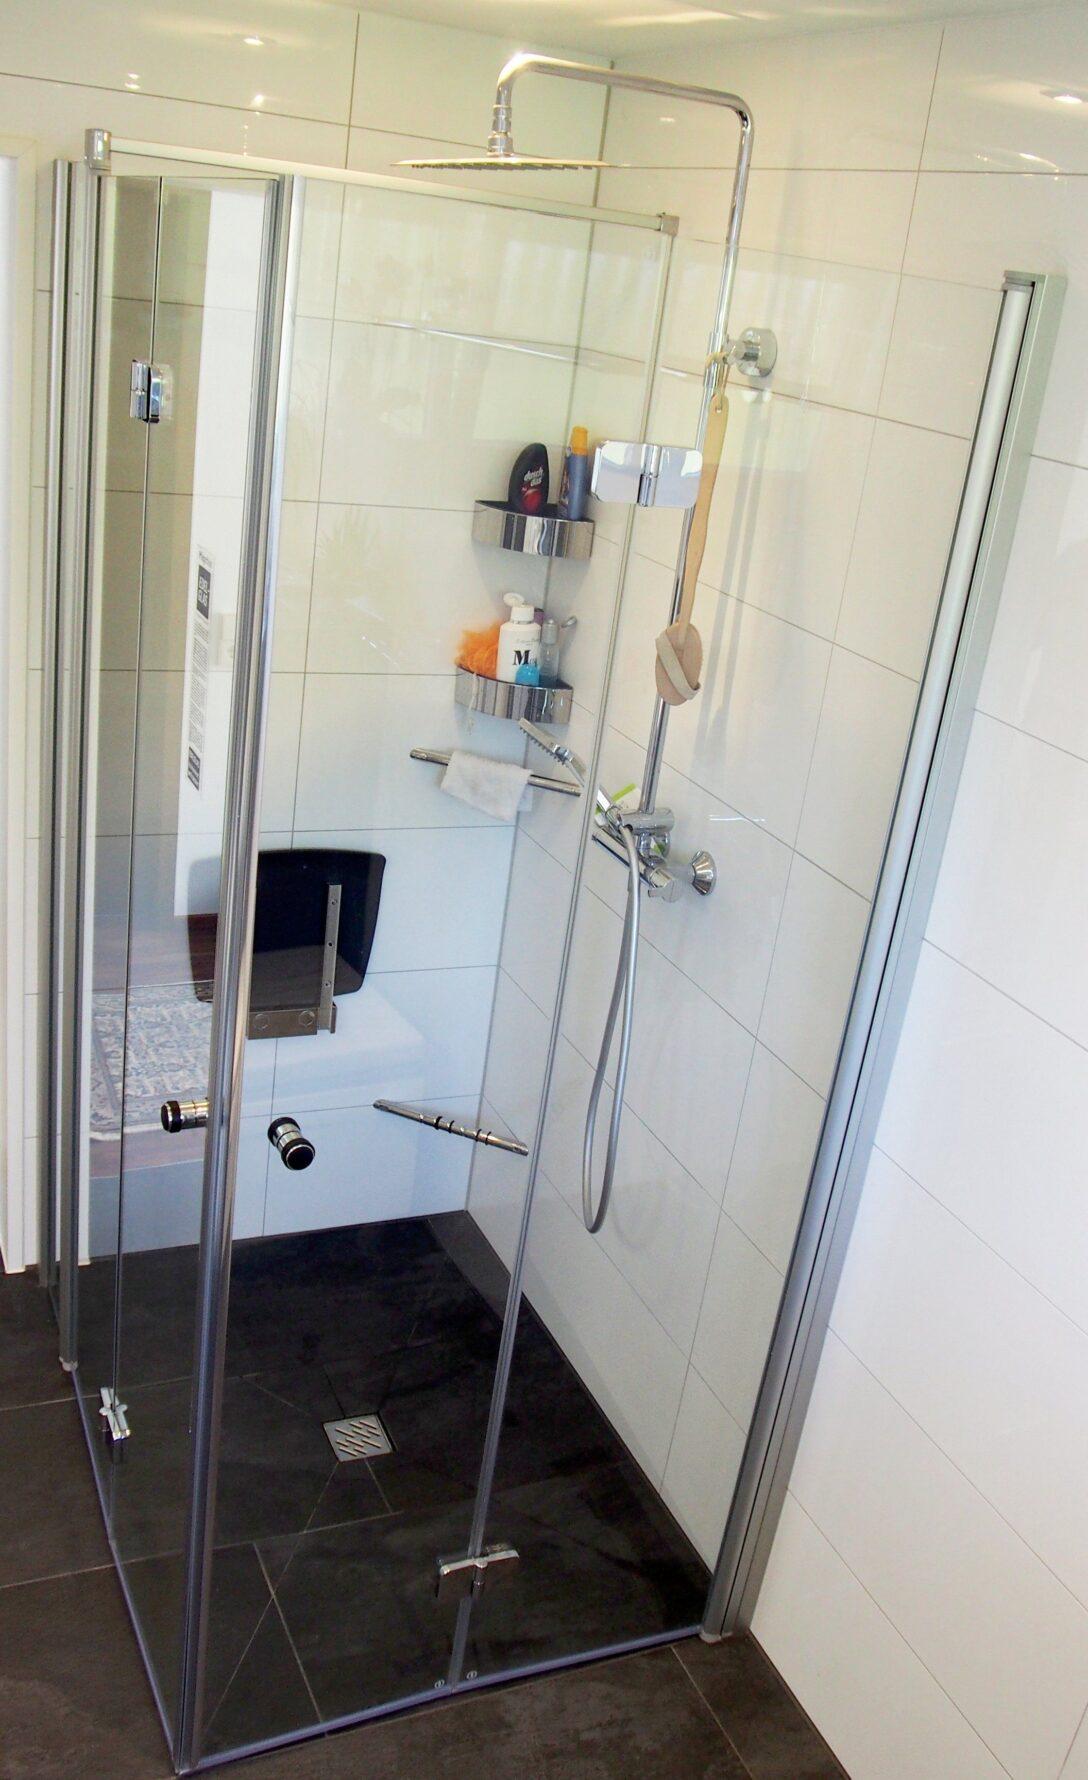 Large Size of Rainshower Dusche Bodengleiche Bluetooth Lautsprecher Nachträglich Einbauen Duschen Unterputz Armatur Sprinz Badewanne Mit Breuer Nischentür Eckeinstieg Dusche Dusche Bodengleich